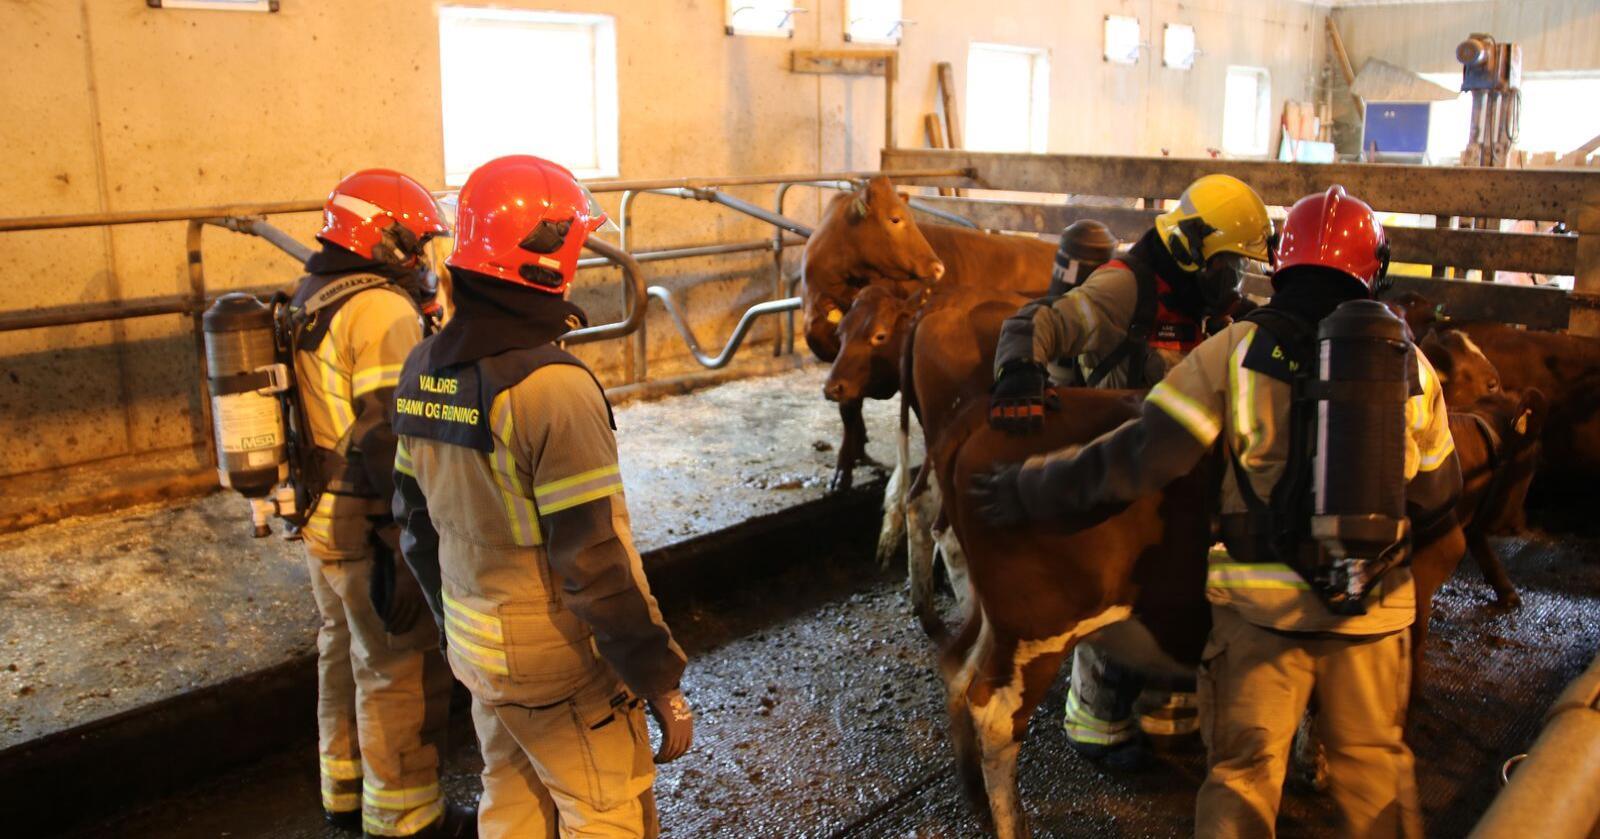 Totalt var på 132 branner med skader over 100000 kroner i 2019, herav tre branner med tap av dyreliv. Dette er det laveste som er registrert av Landbrukets brannvernkomité. Bildet er fra en brannøvelse i Sør-Aurdal kommune i 2019. (Foto: Karl Erik Berge)